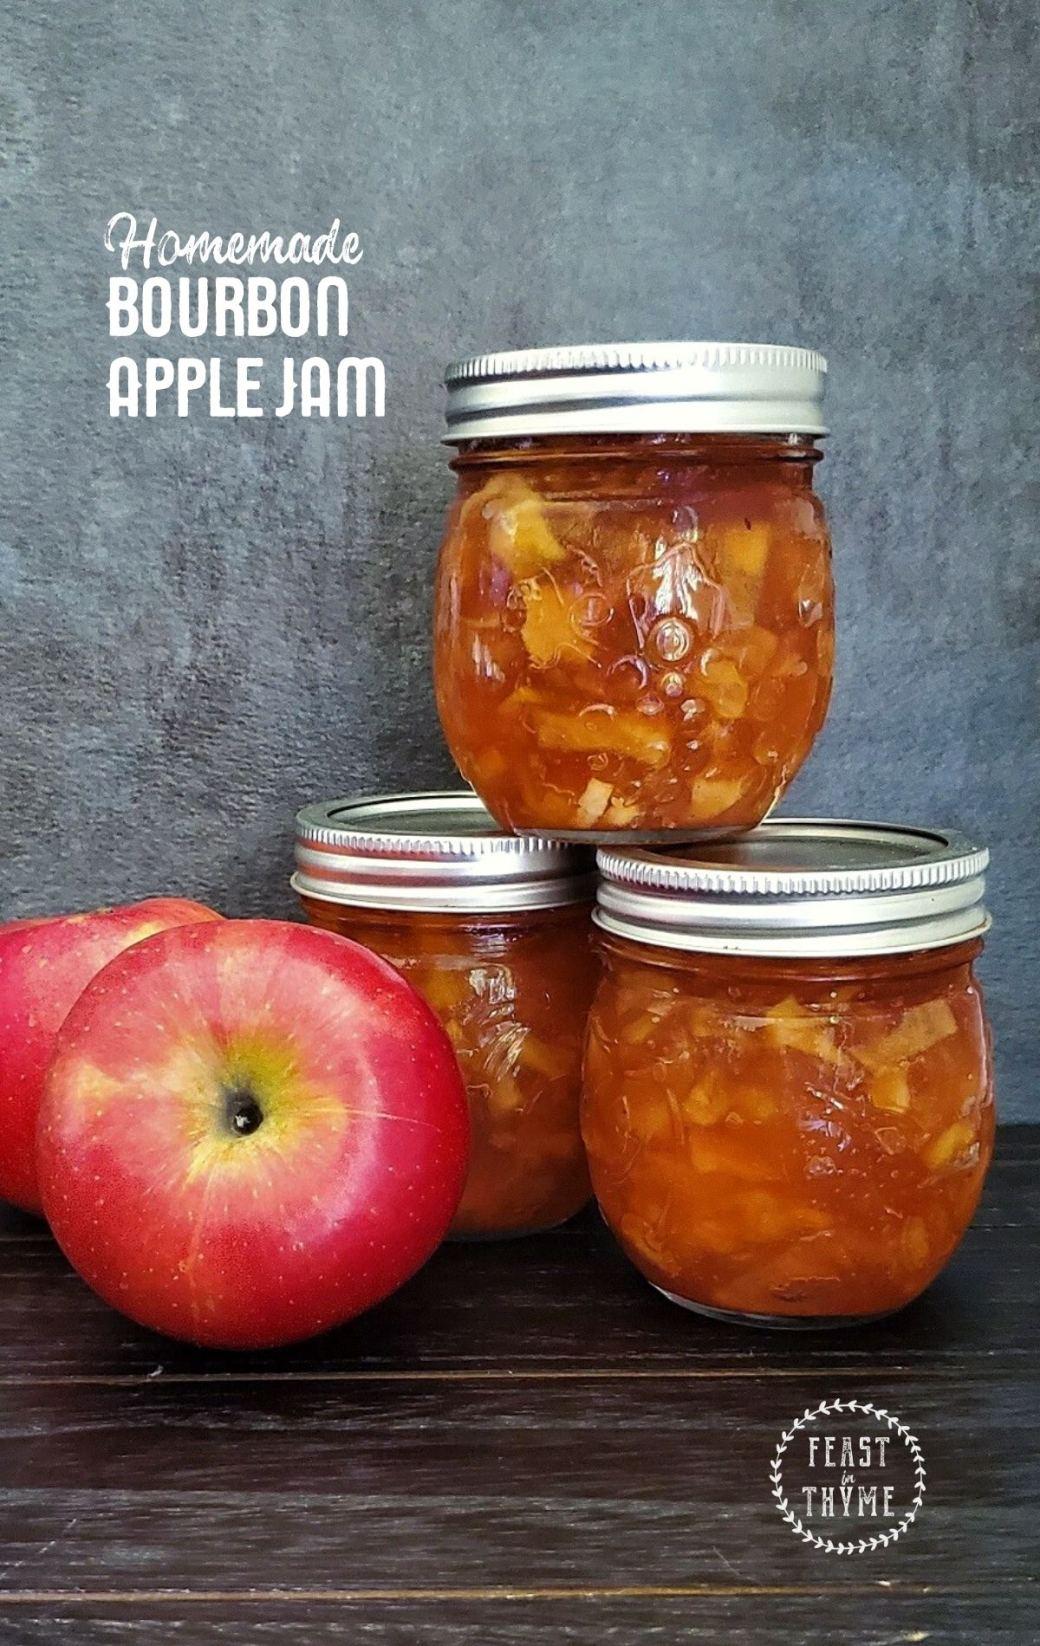 Homemade Bourbon Apple Jam